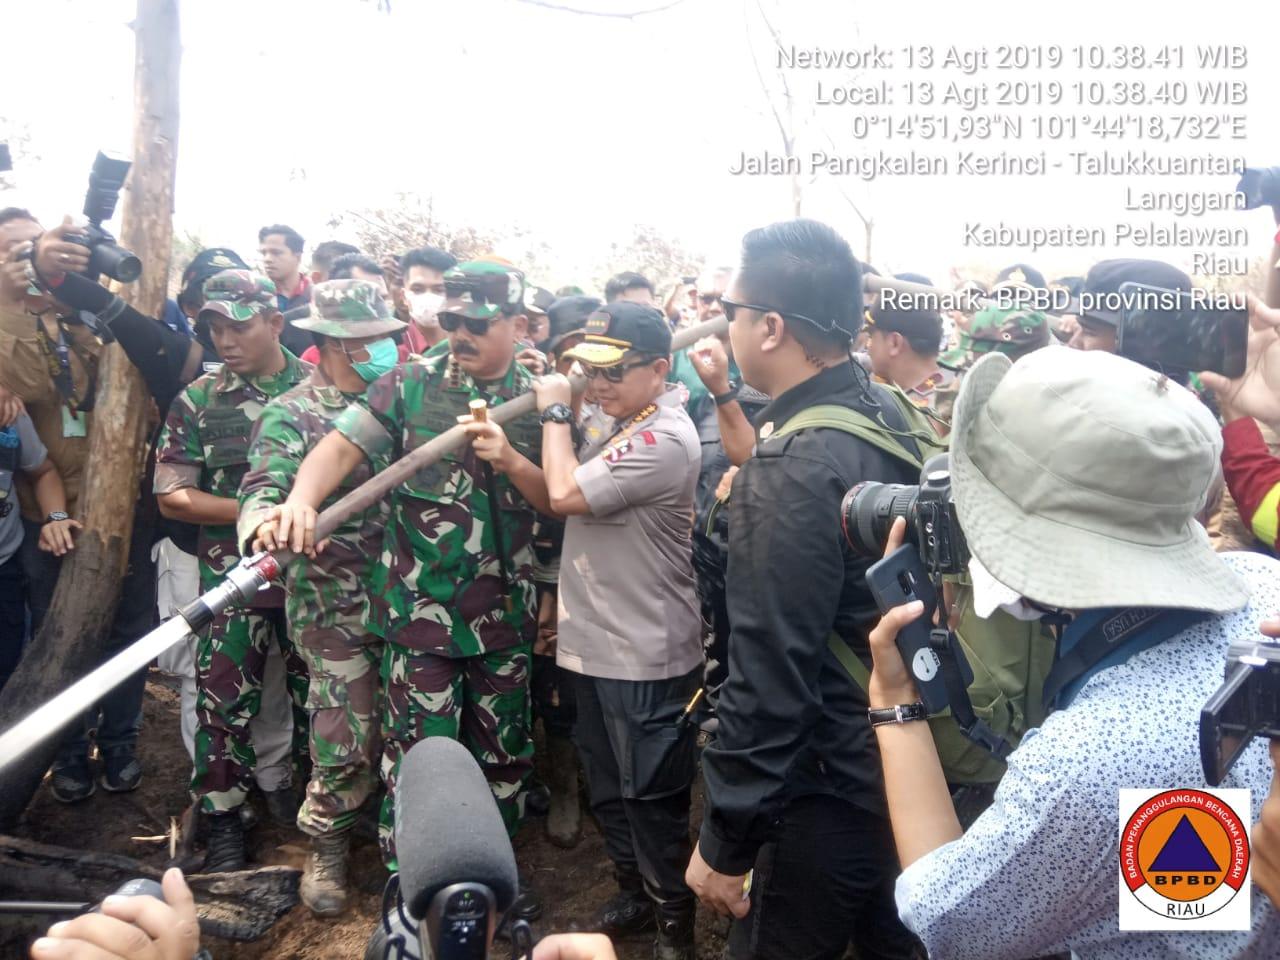 Panglima TNI dan Kapolri sedang memadamkan kebakaran lahan di Kabupaten Pelalawan